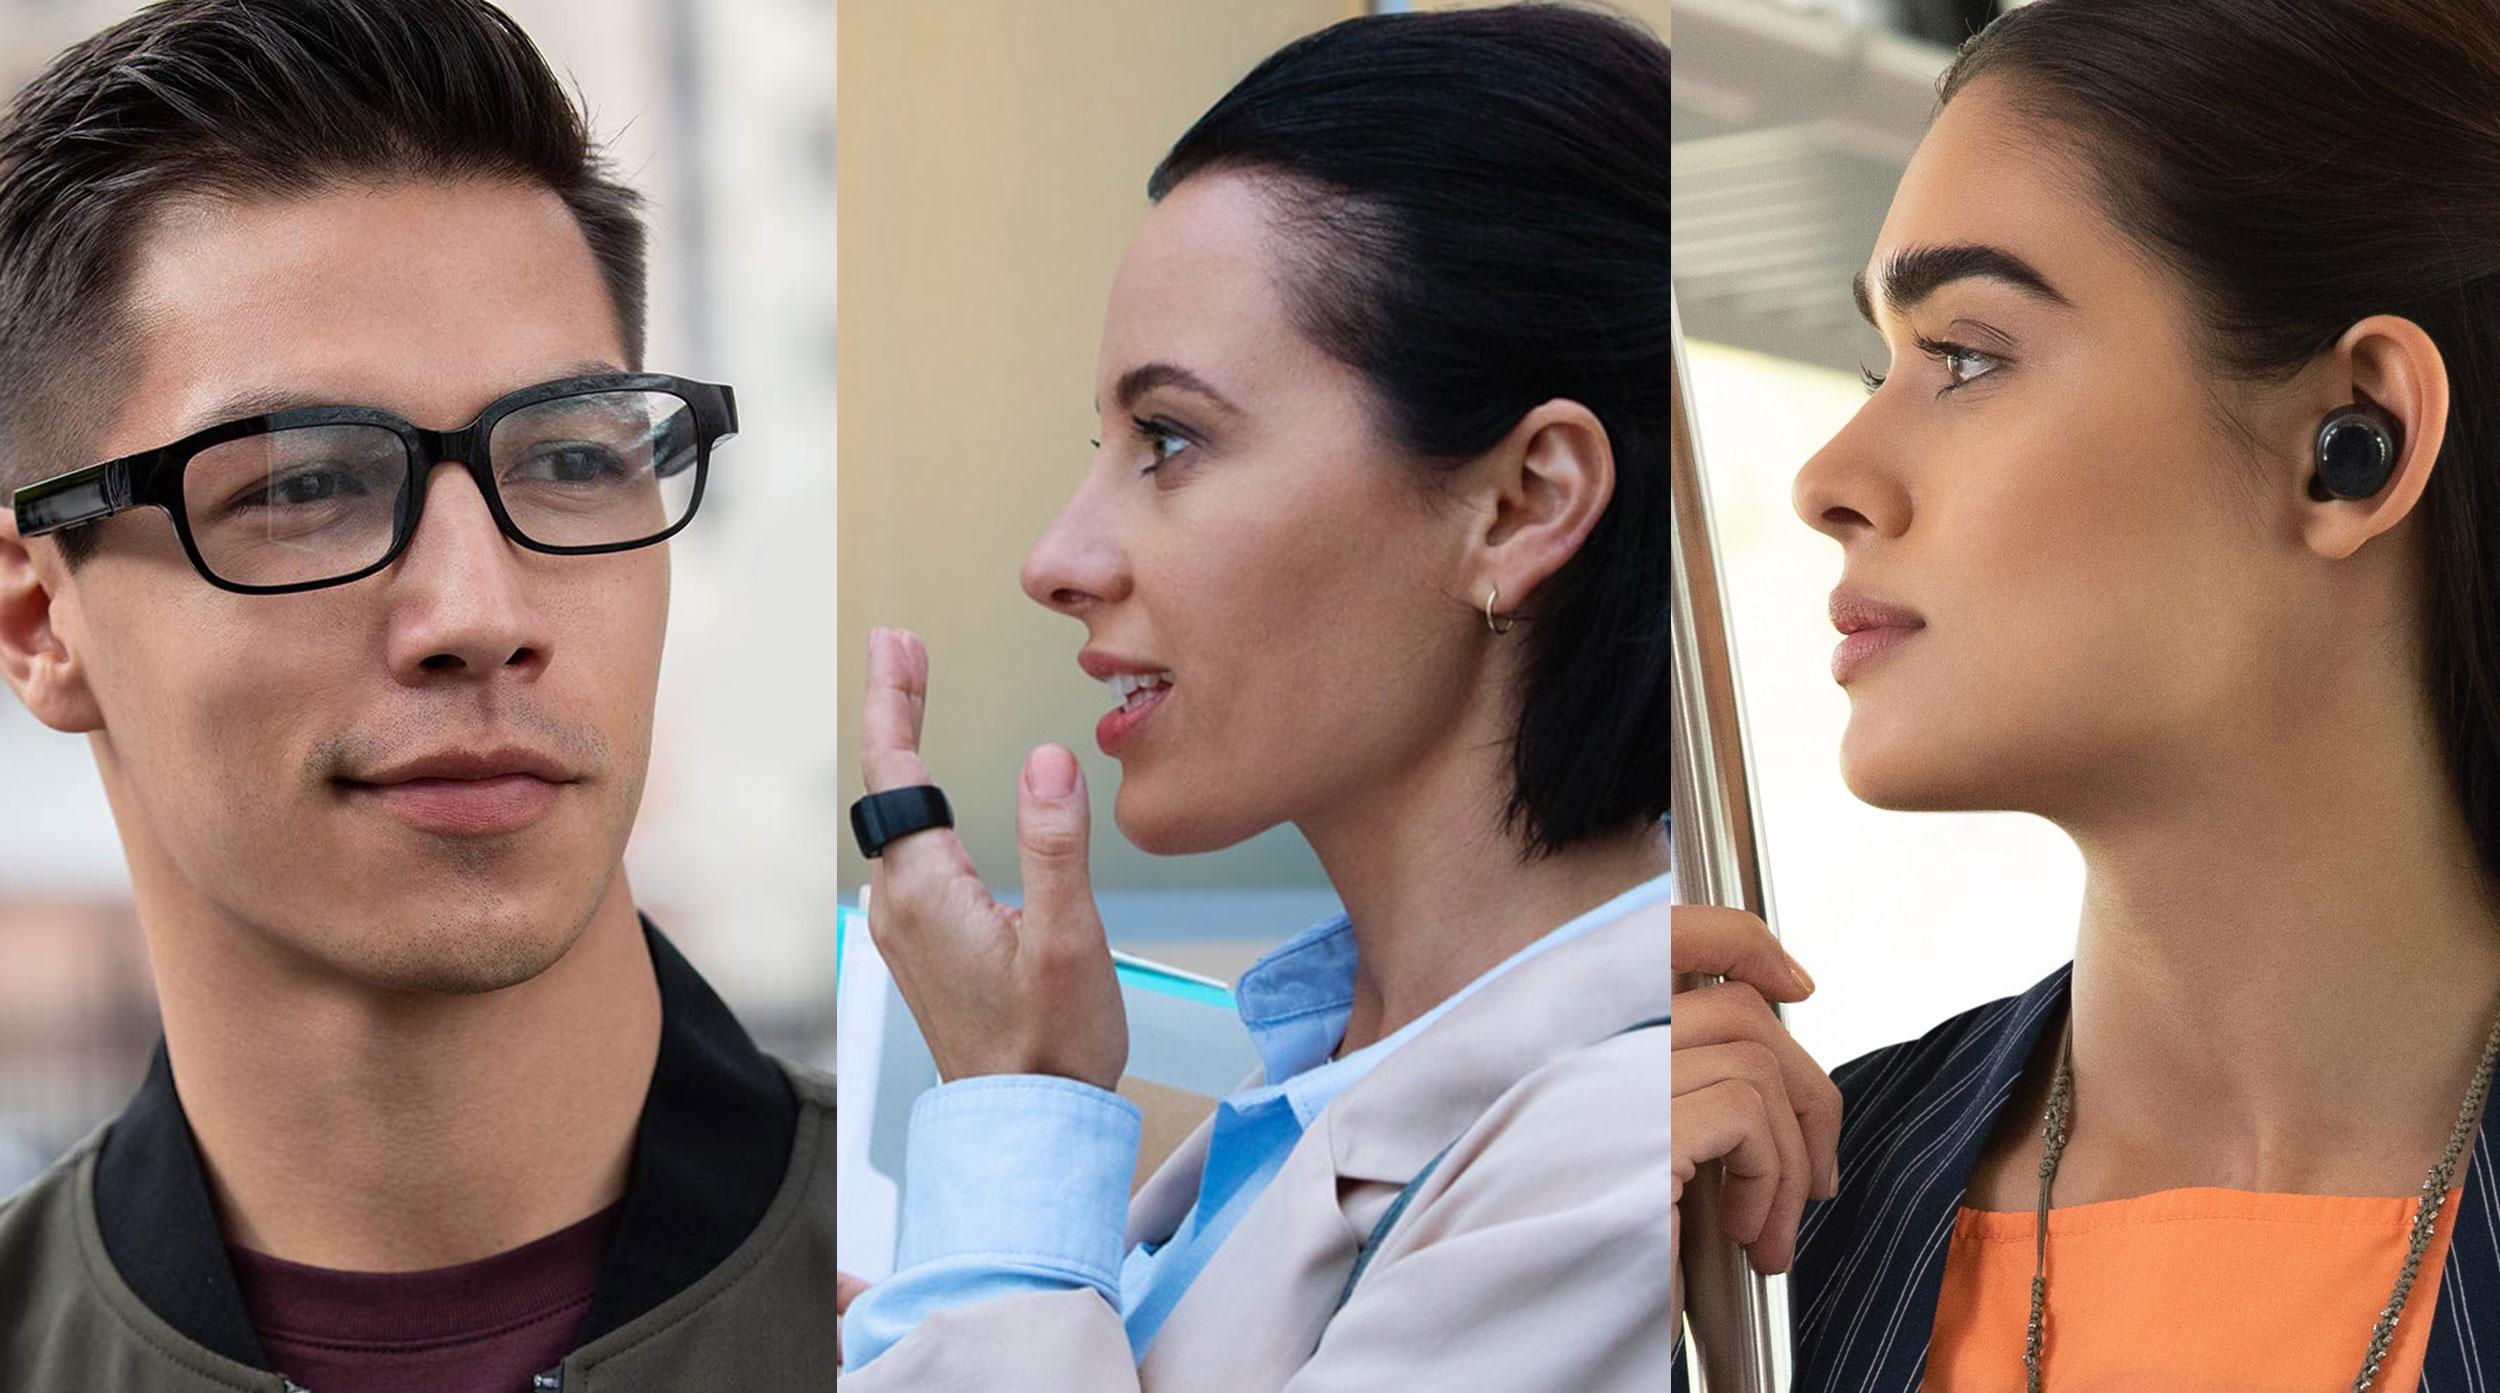 Todo smart: Amazon lanzó un anillo, unos anteojos y unos auriculares con el asistente de voz Alexa